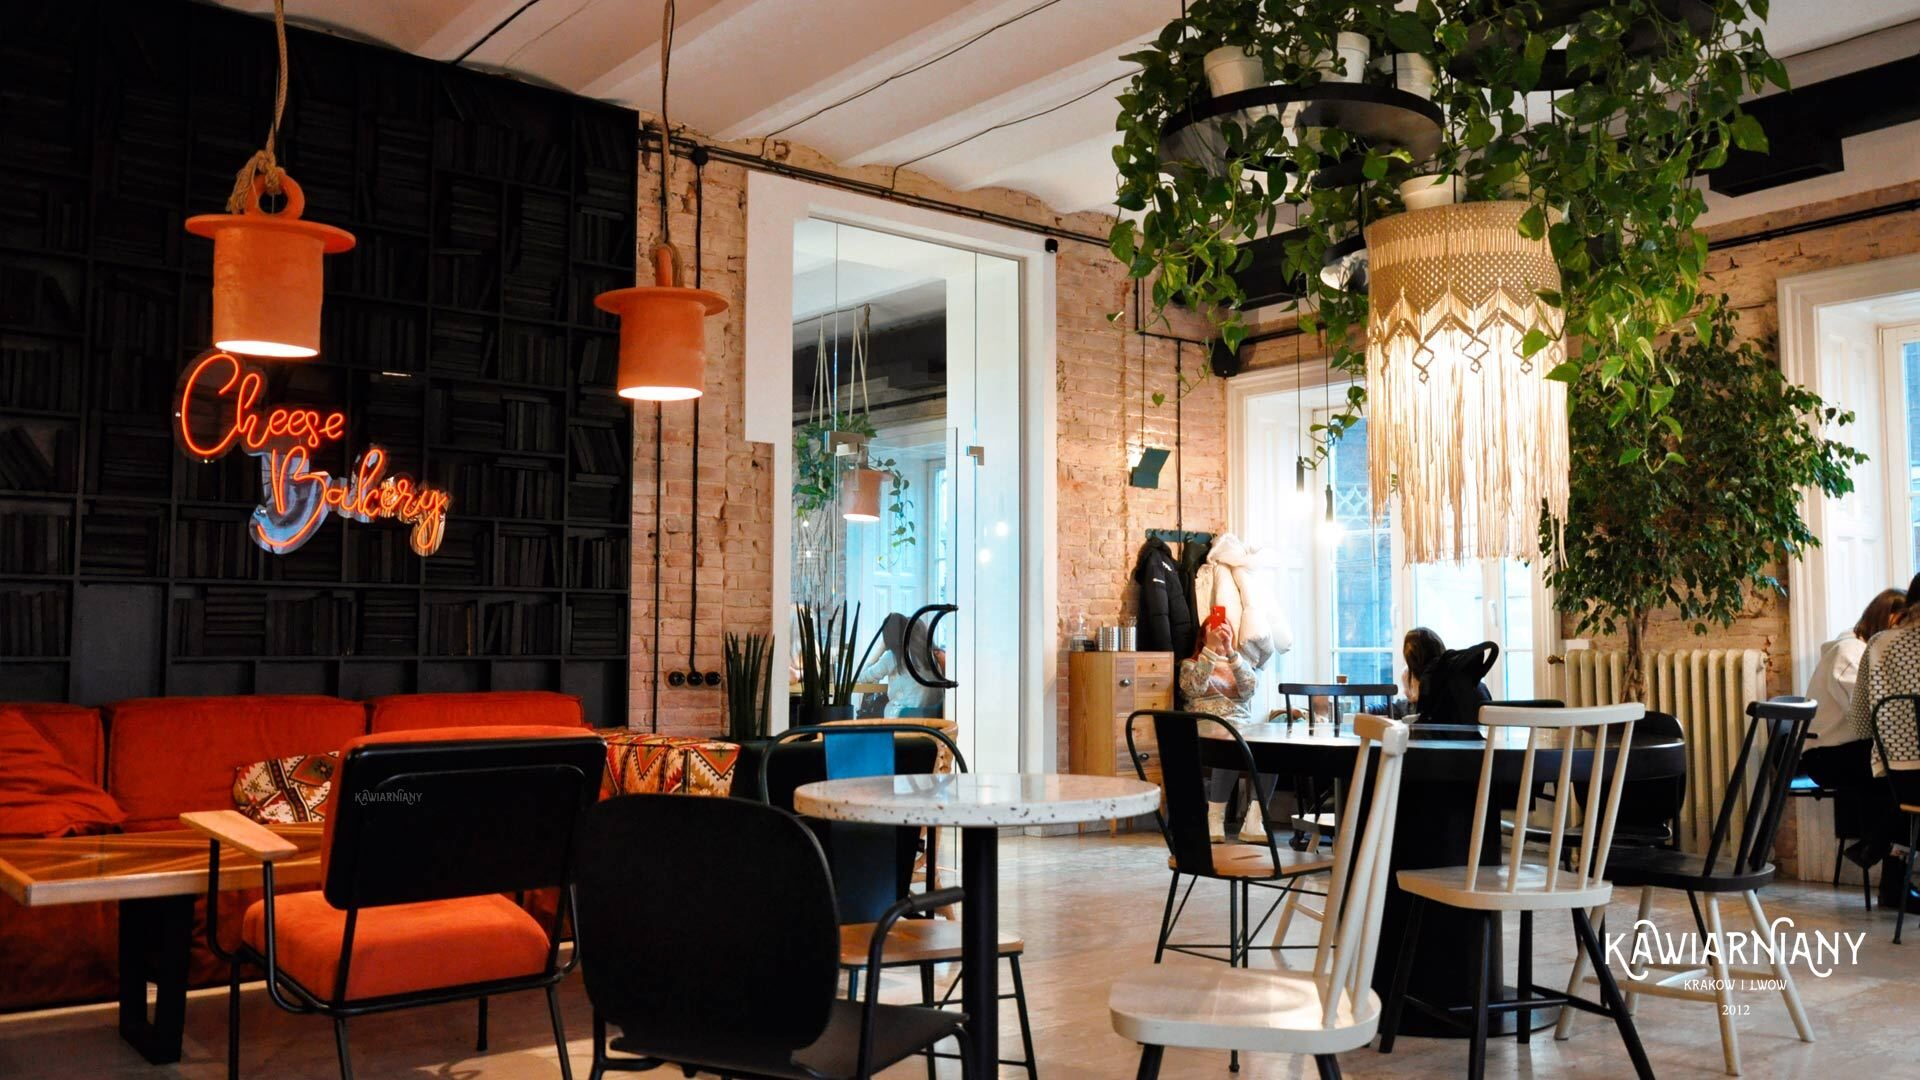 Cheese Bakery 2.0 – nowa kawiarnia z widokiem na Rynek